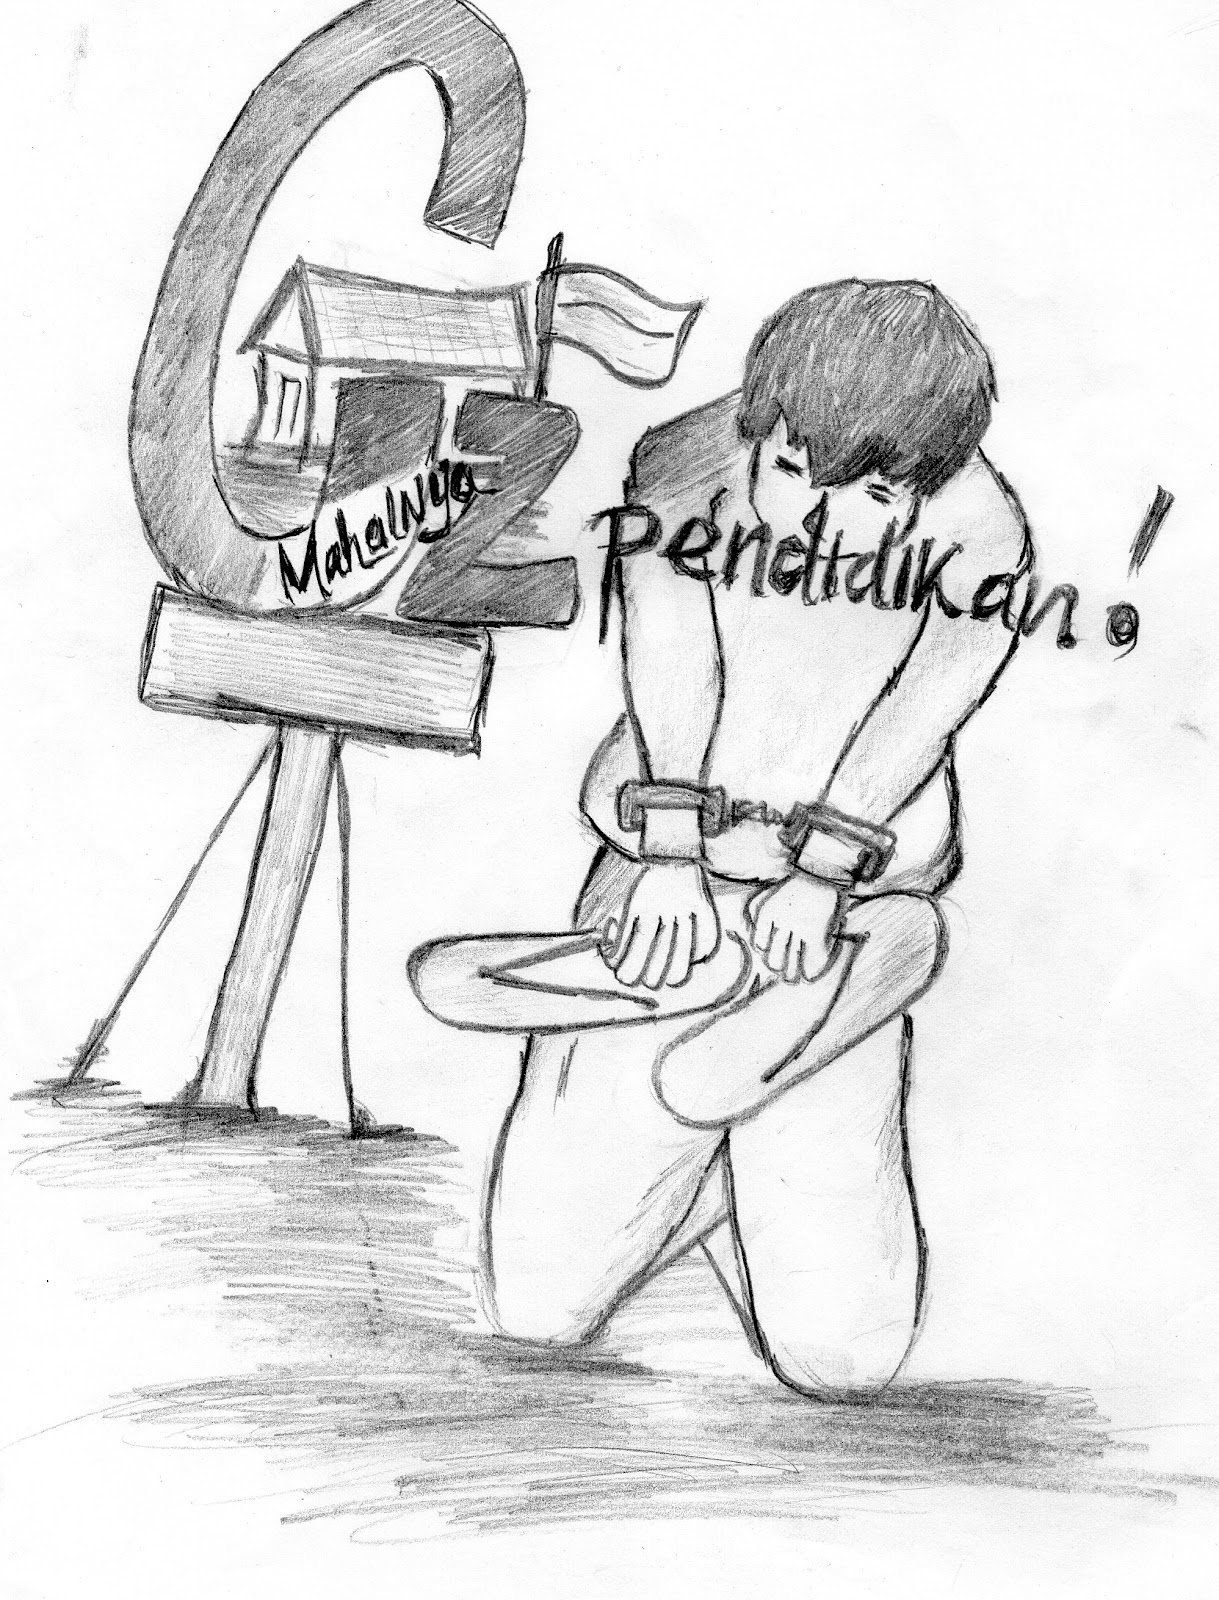 Kumpulan Karikatur LPM MEI LPM MEI